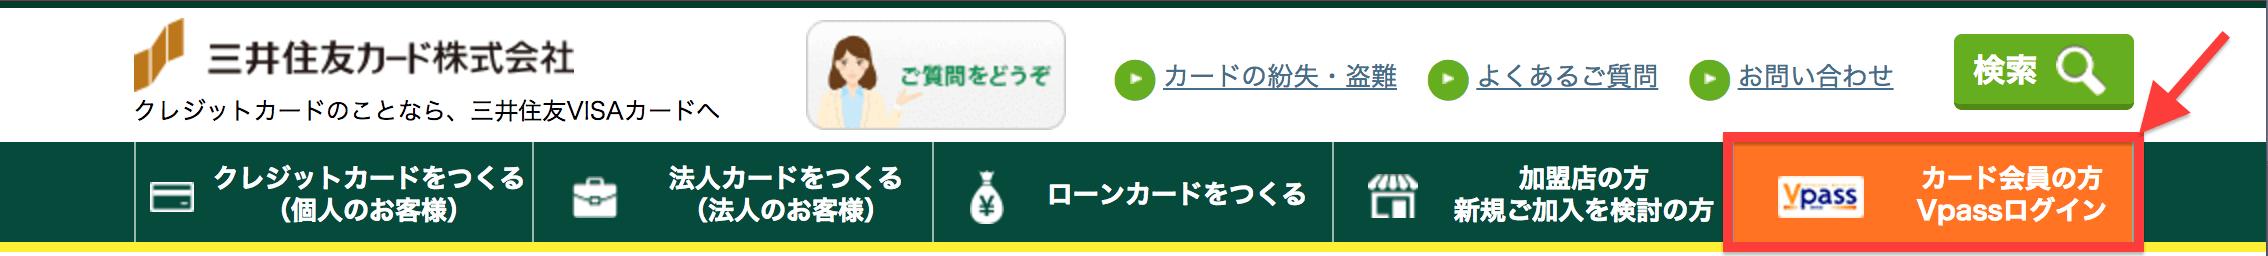 三井住友カード マイ・ペイすリボ 1